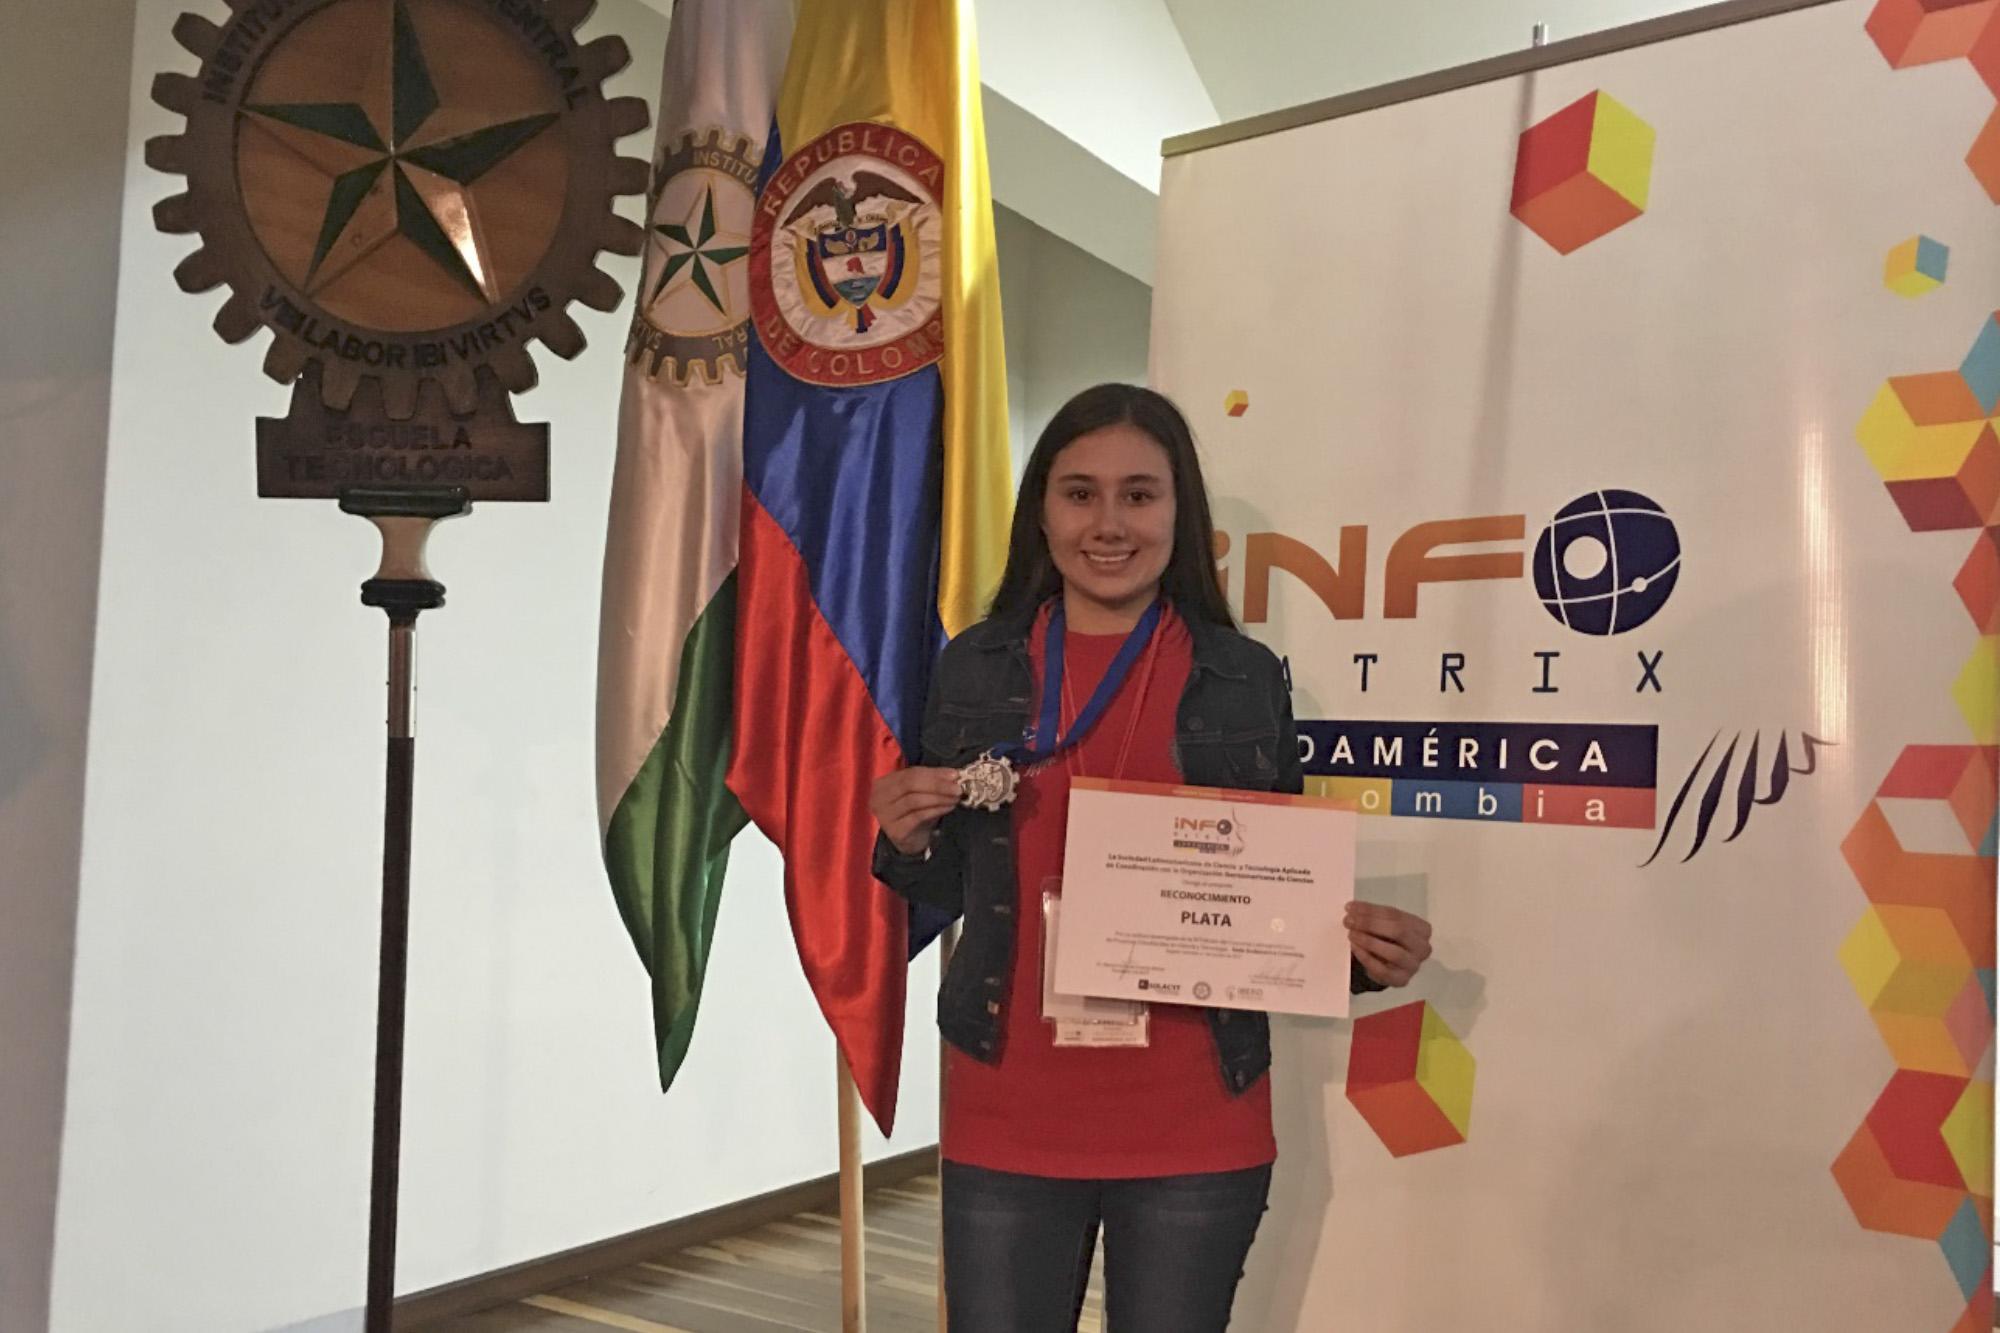 Estudiante de la Preparatoria de San Juan de los Lagos de la Universidad de Guadalajara (UdeG), Jazmín Aguirre Padilla, mostrando su medalla de plata ganada en Infomatrix Sudamérica Colombia 2017.